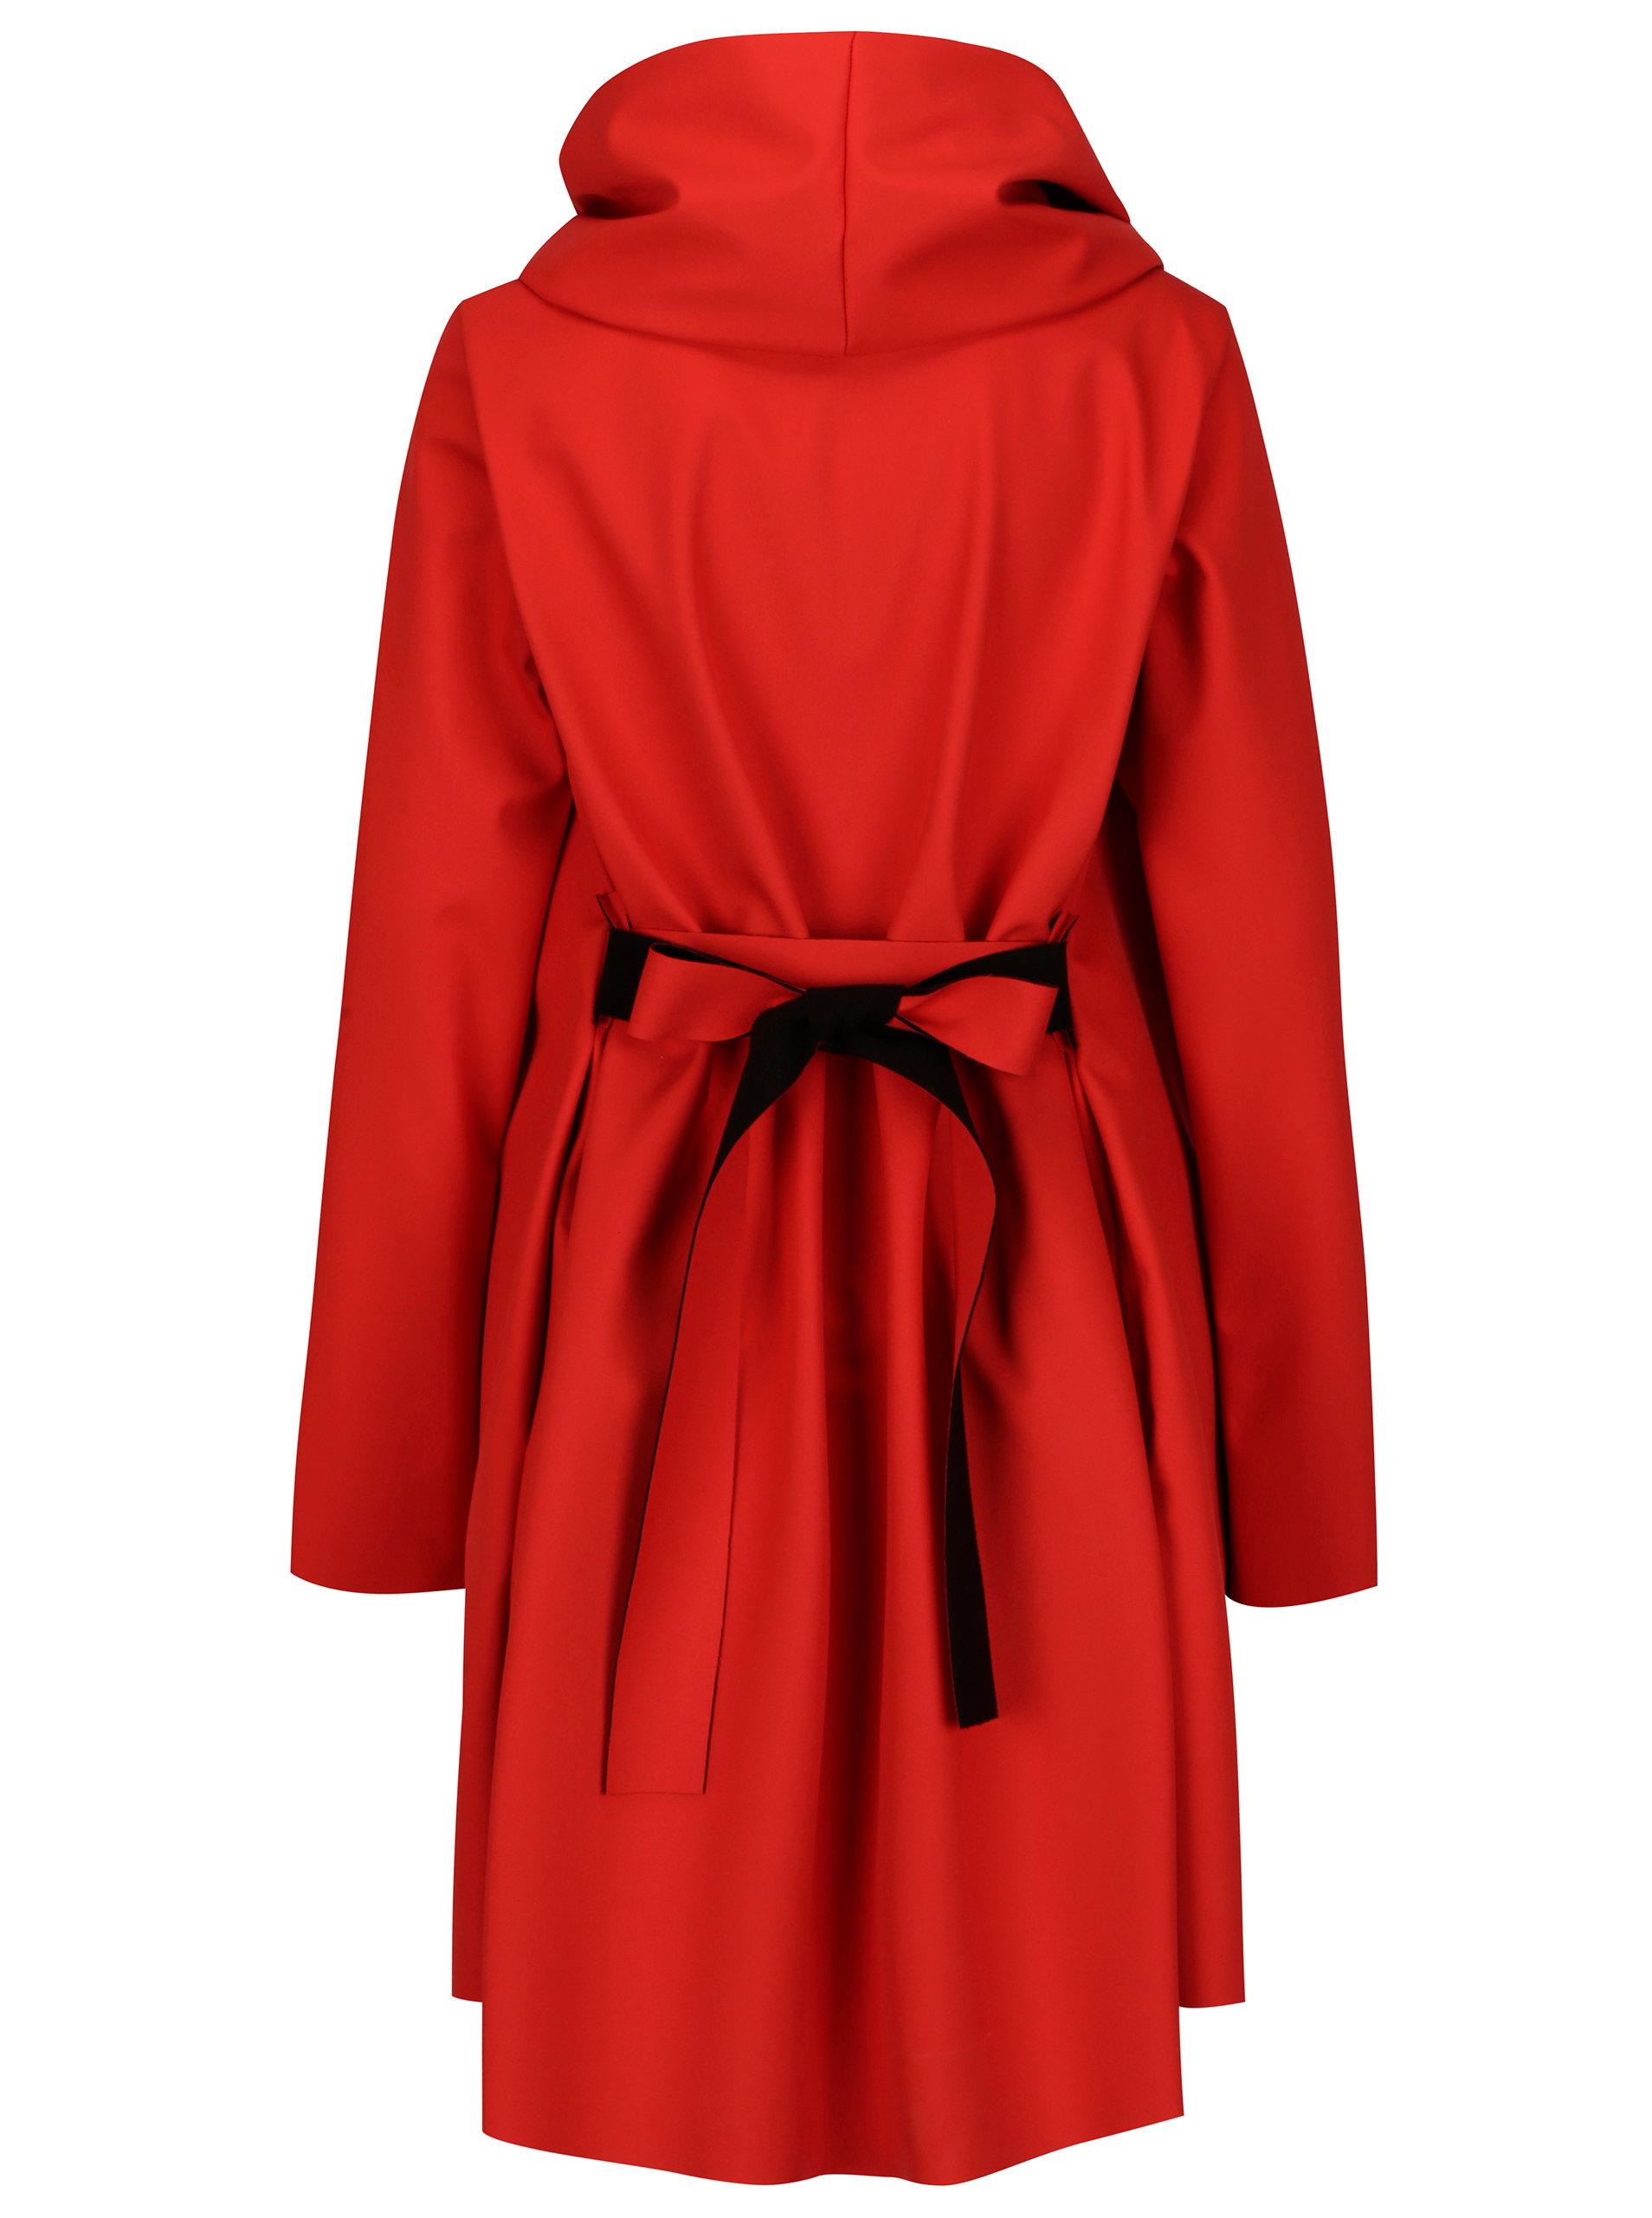 Černo-červený voděodolný kabát Design by Lucie Jack ... 418e8710a0